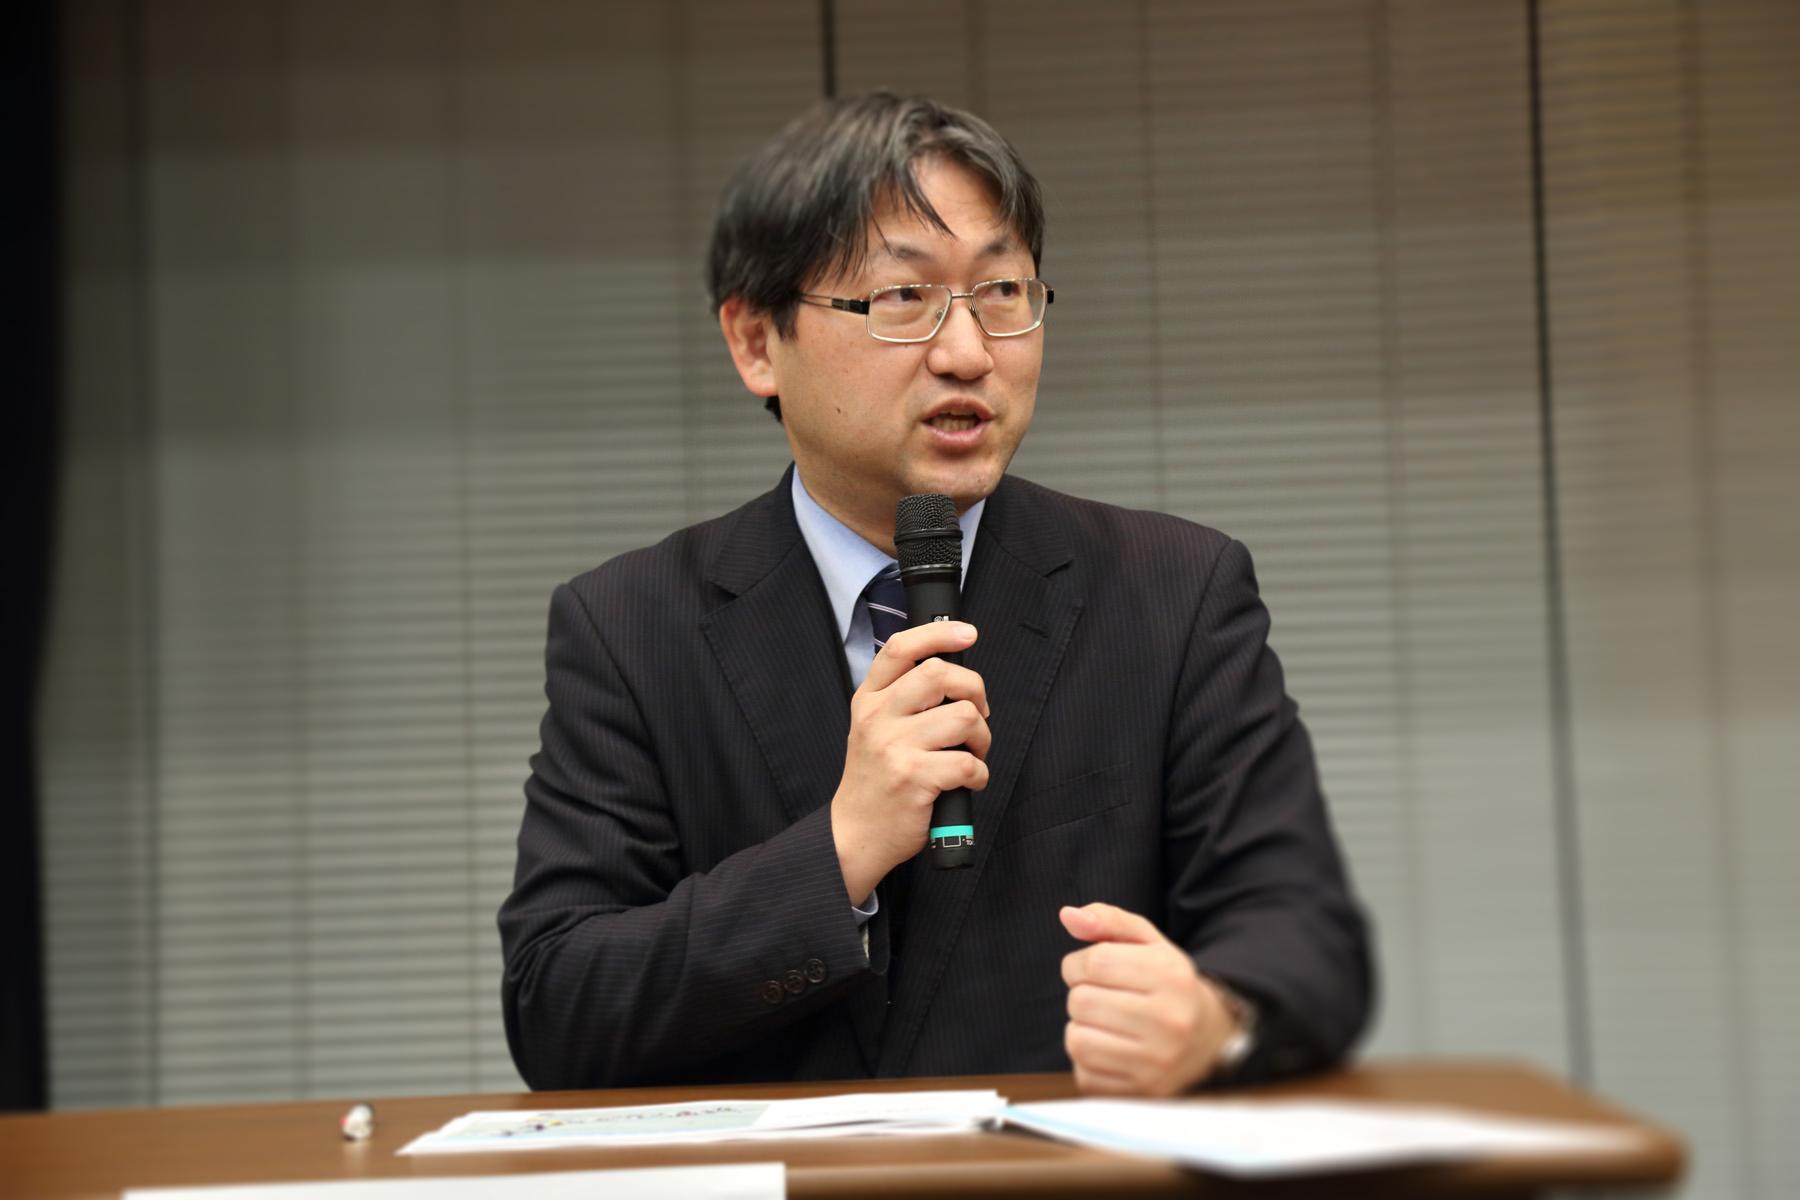 佐々木健 日本の医療の未来を考える会